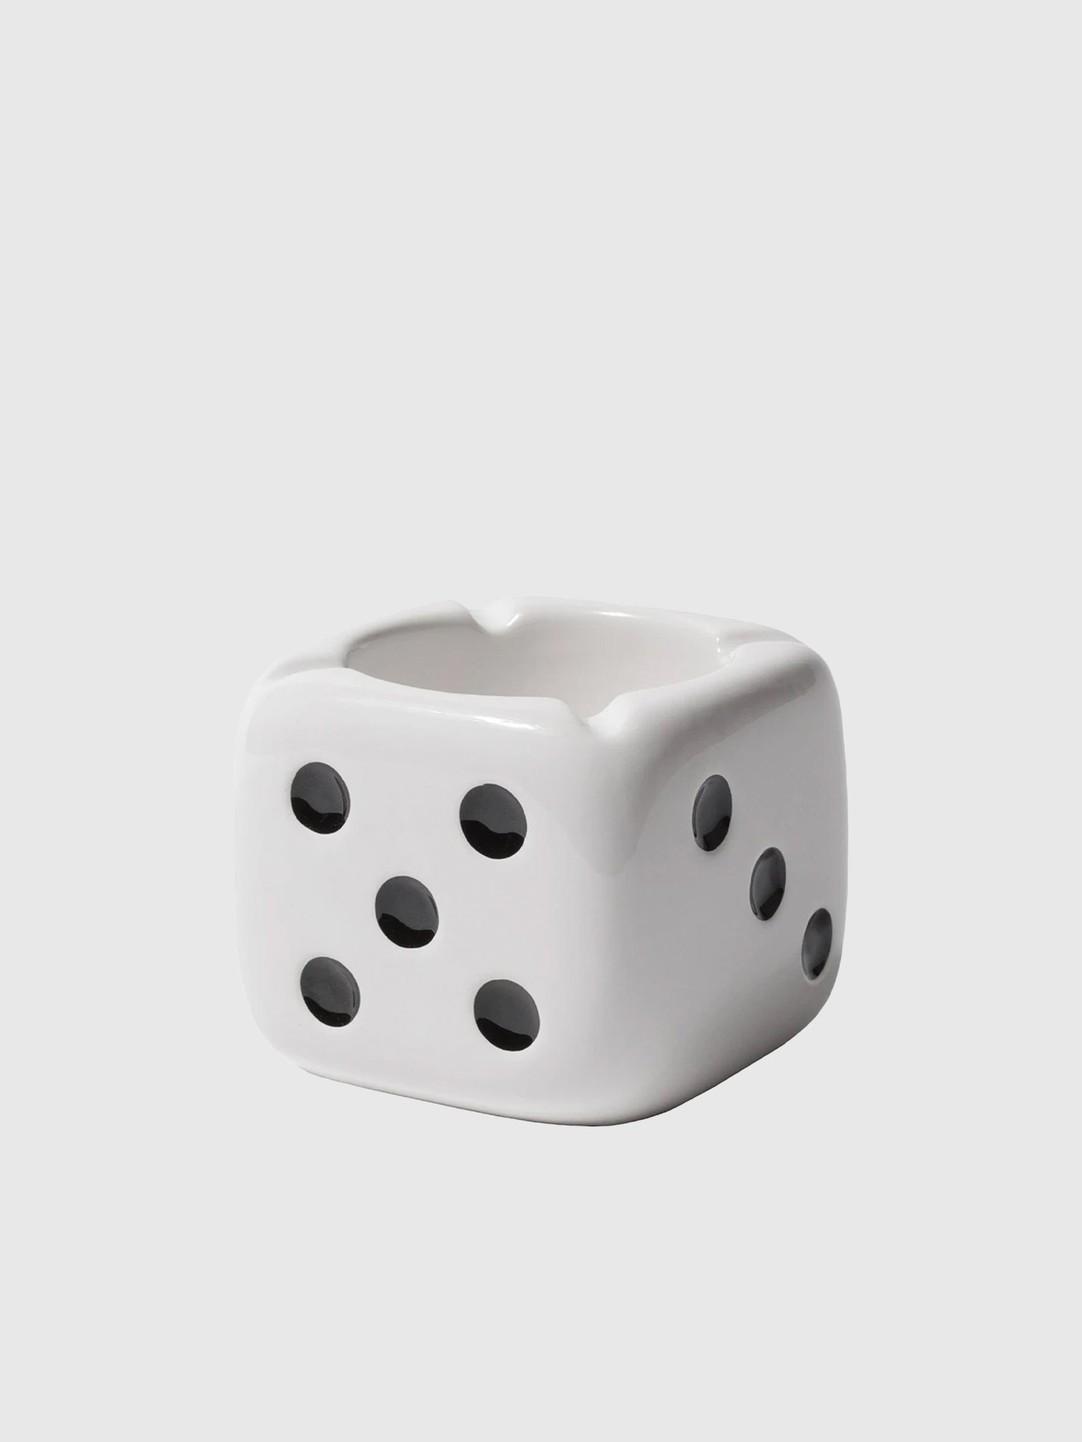 Stussy Stussy Ceramic Dice Ashtray White 138743-1201